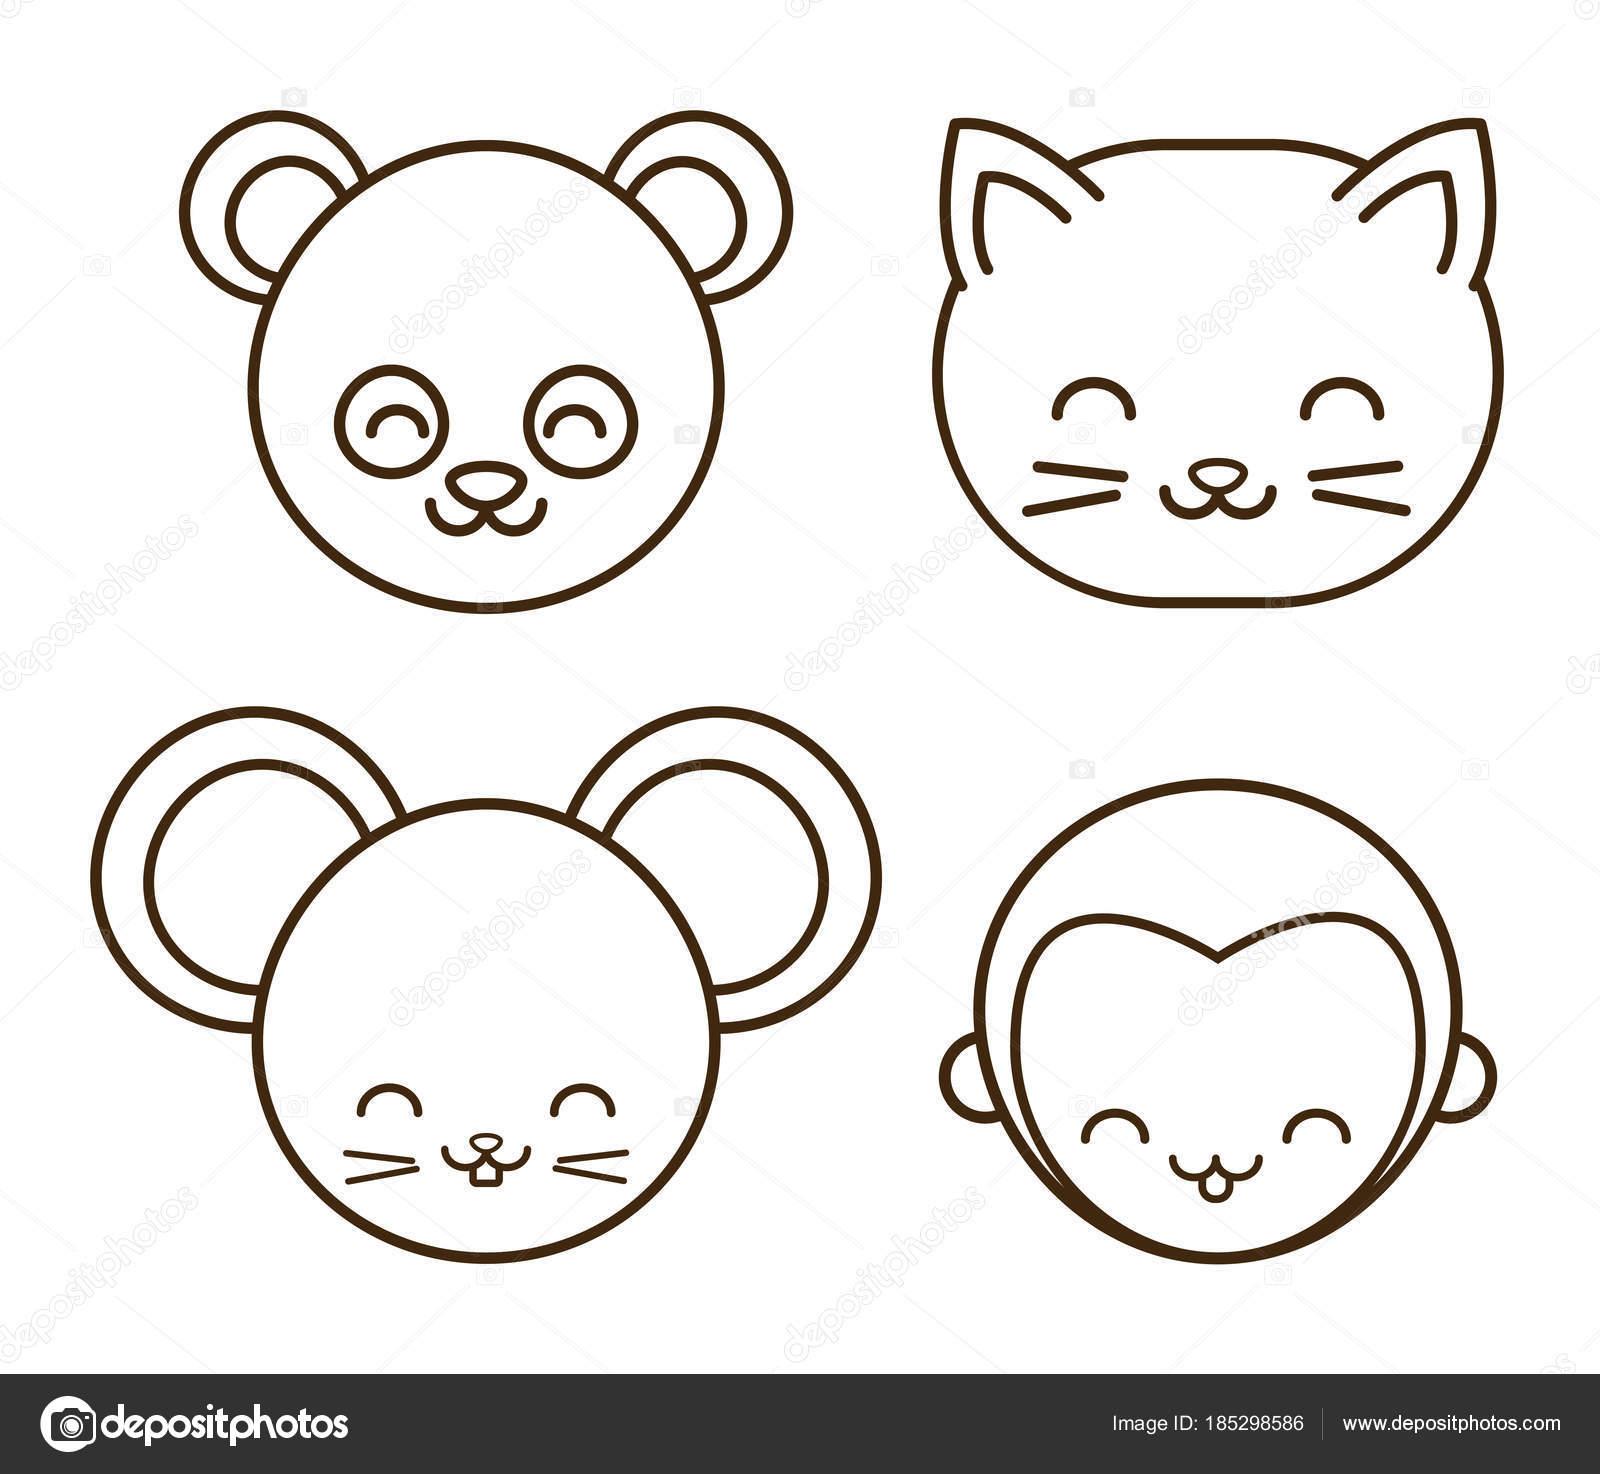 desenho de animais fofos vetor de stock djv 185298586